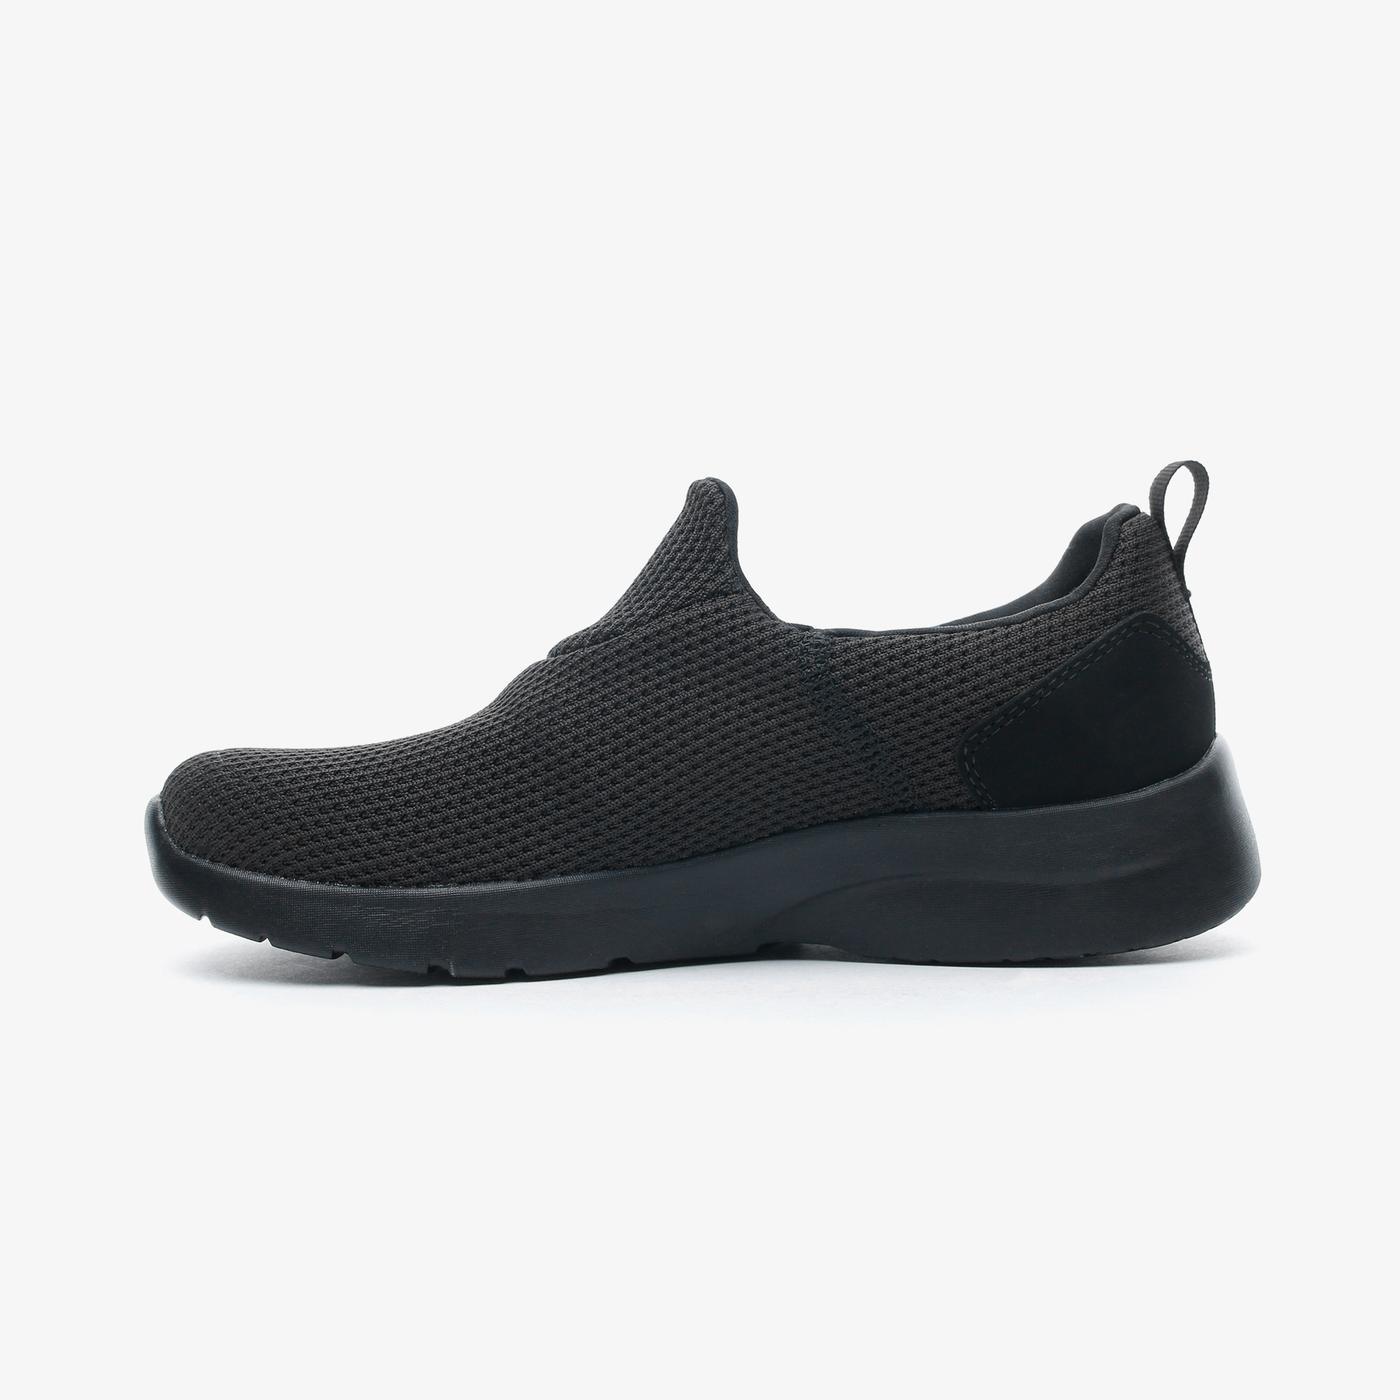 Skechers Dynamight 2.0 Kadın Siyah Spor Ayakkabı